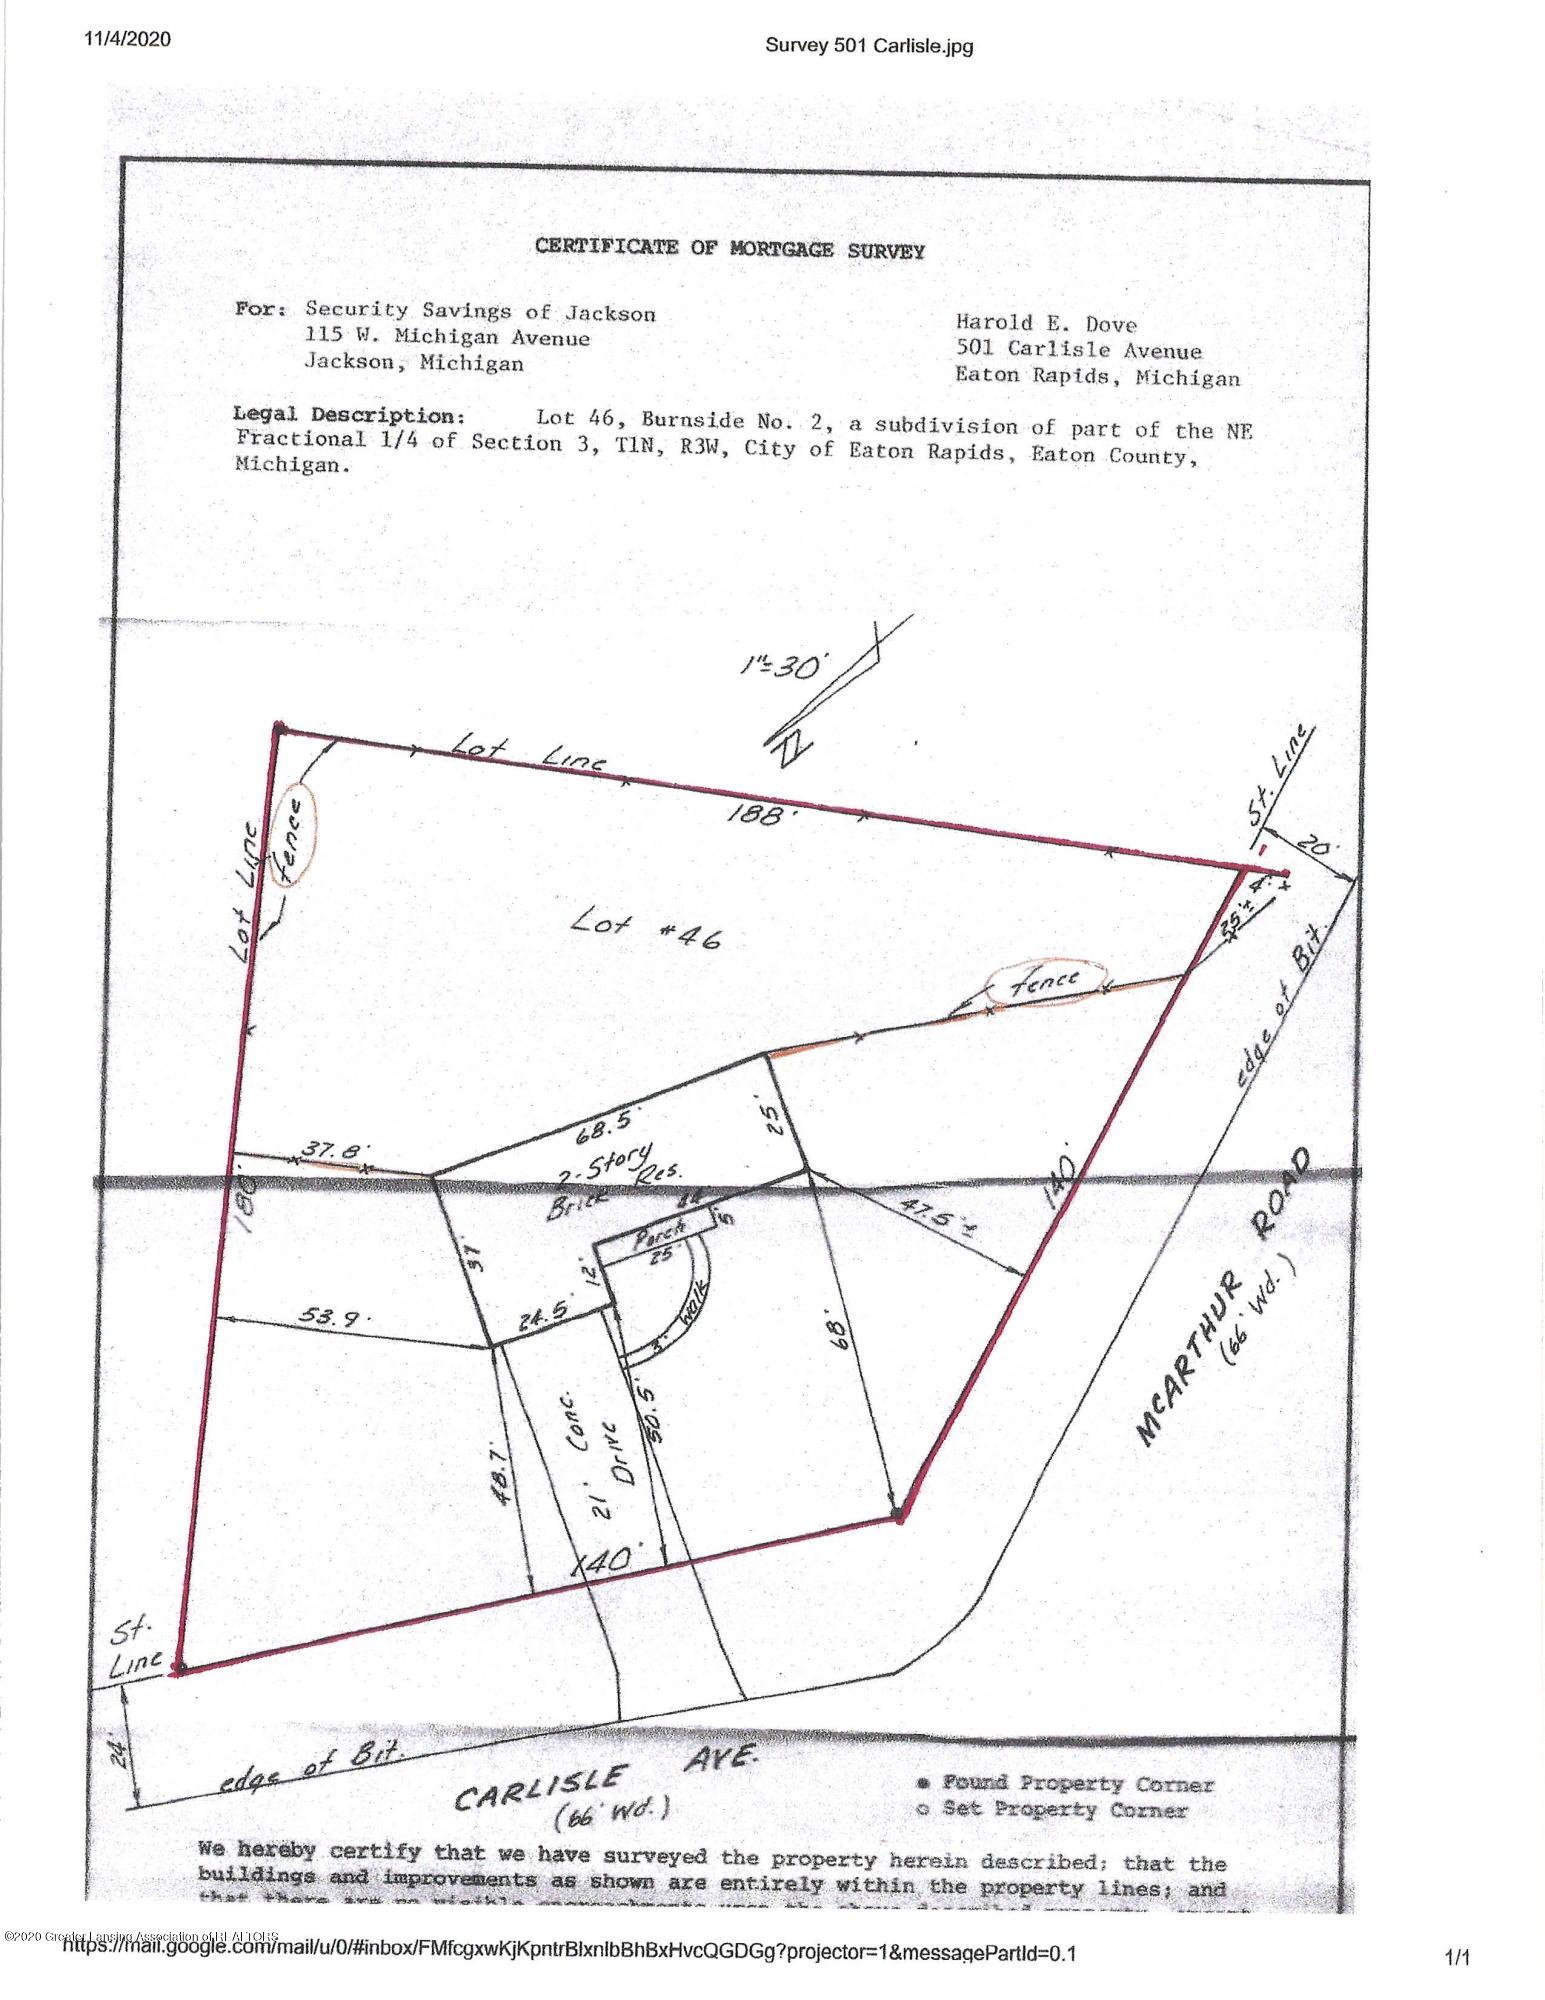 501 Carlisle St - 501 Carlisle Survey_001 - 42